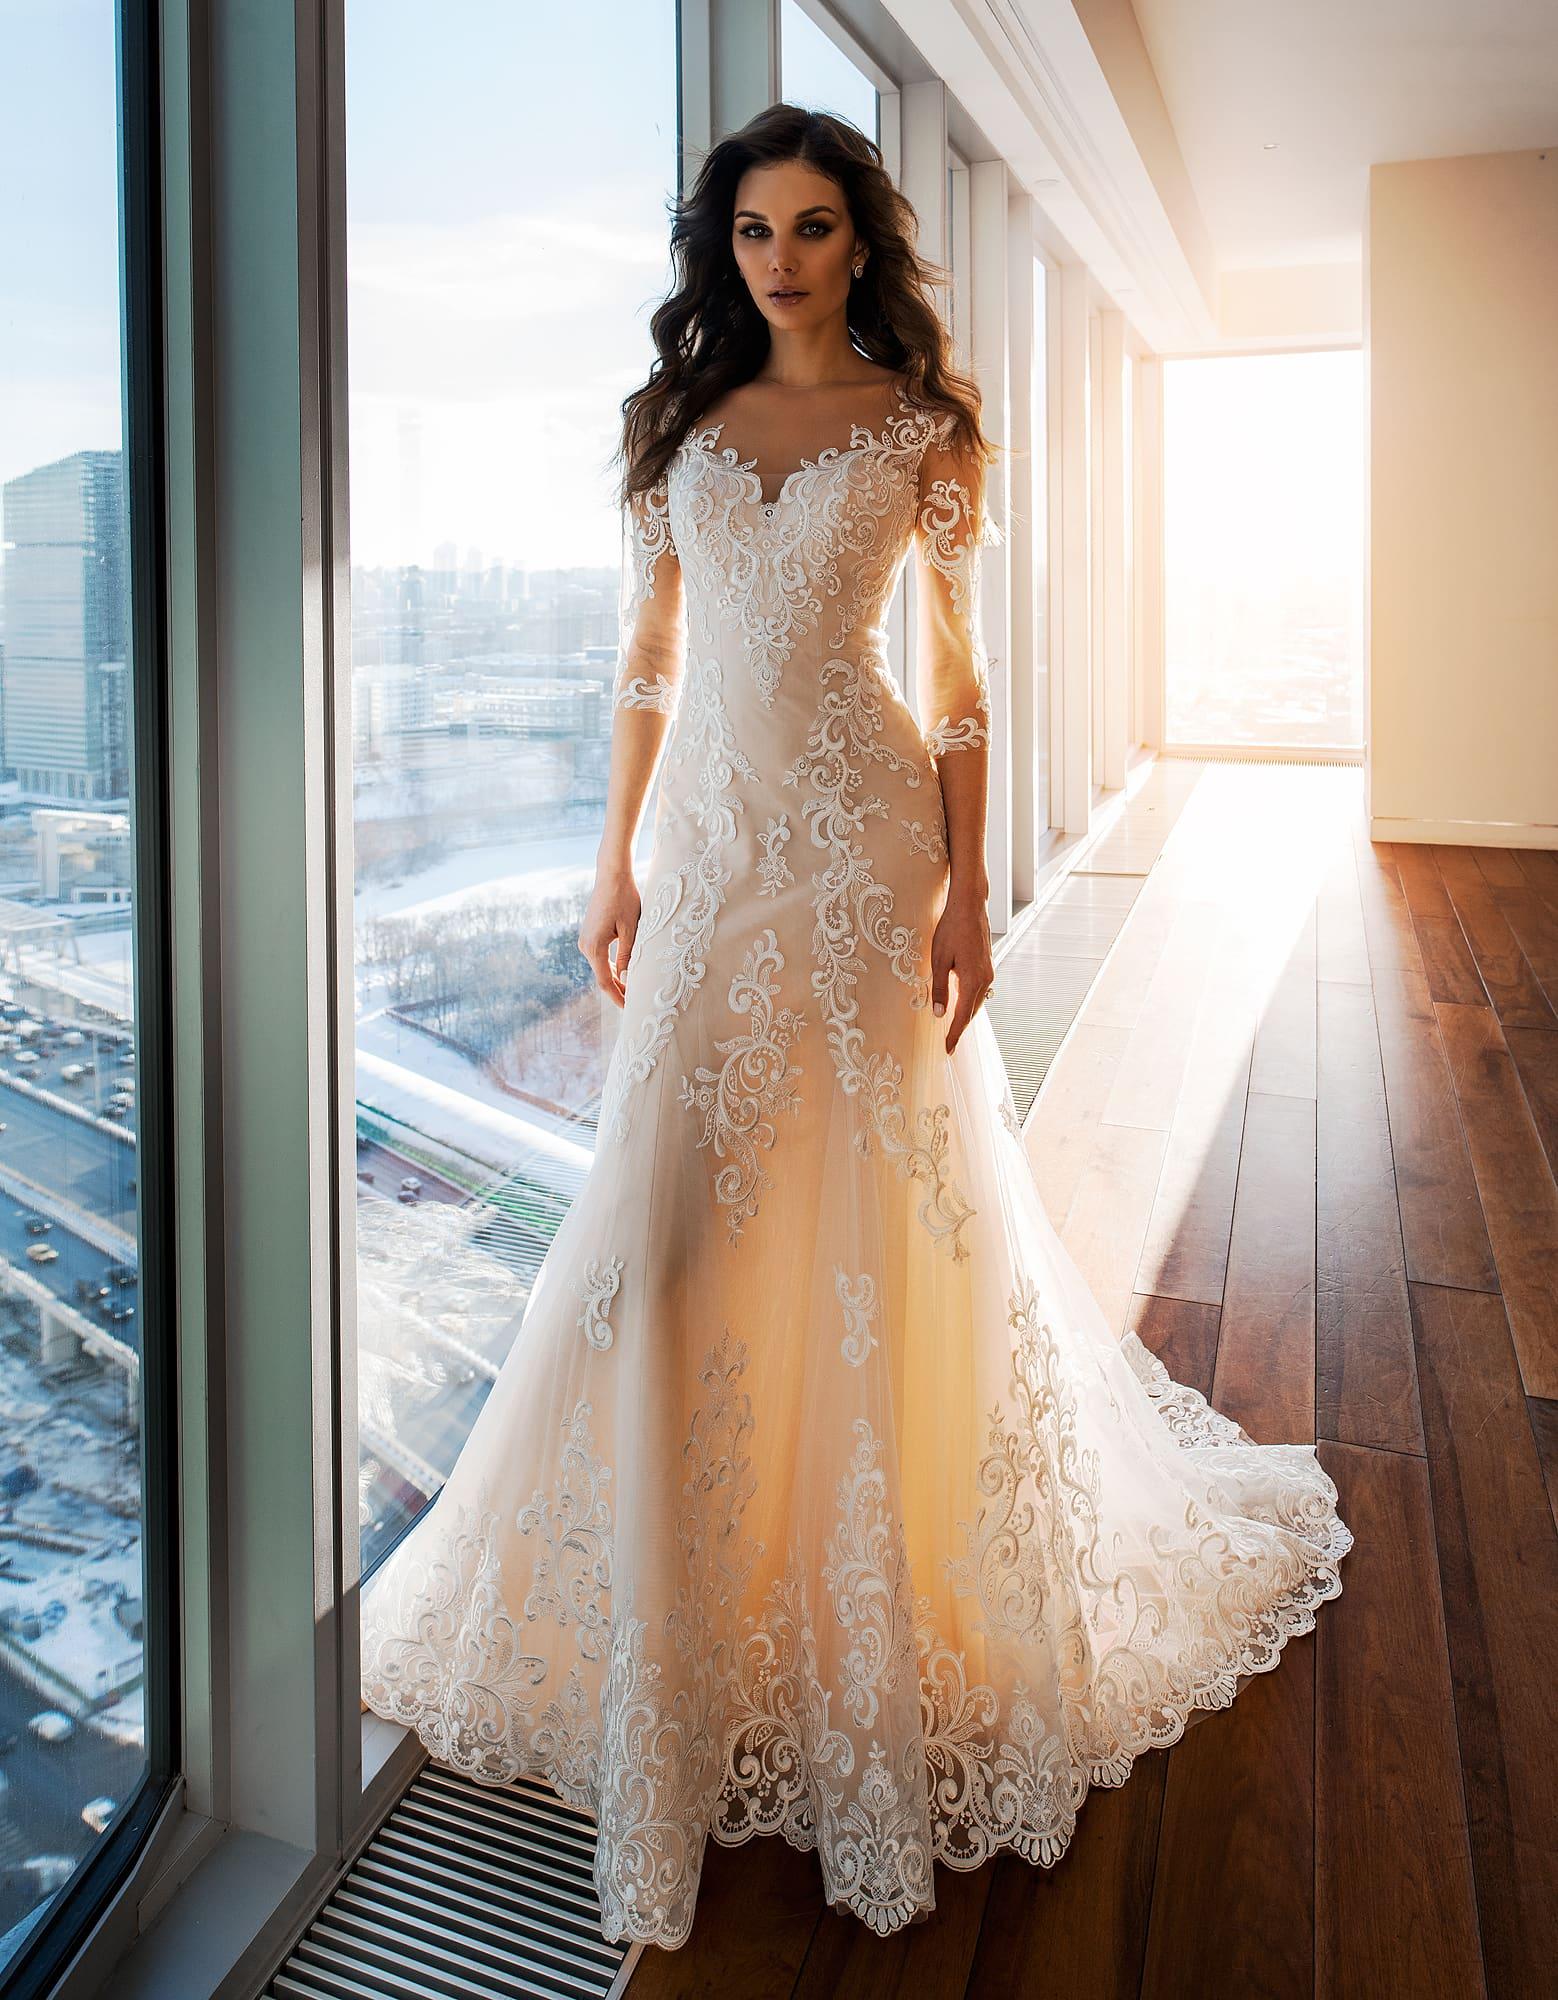 be96f0fe027 Свадебное платье Natalia Romanova Лагерта ▷ Свадебный Торговый ...